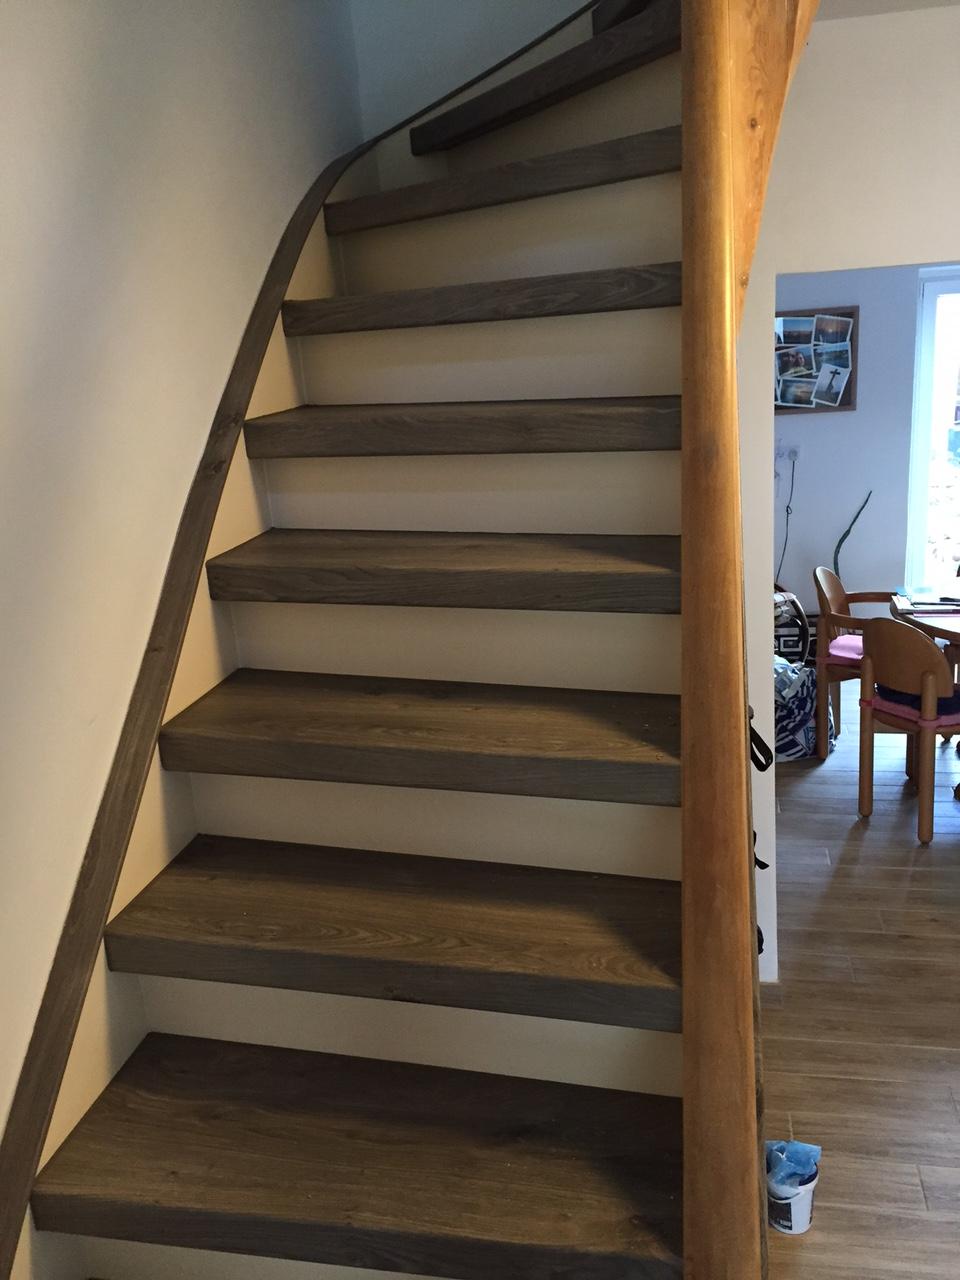 treppenrenovierung juckel hammer heimtex fachm rkte neum nster. Black Bedroom Furniture Sets. Home Design Ideas